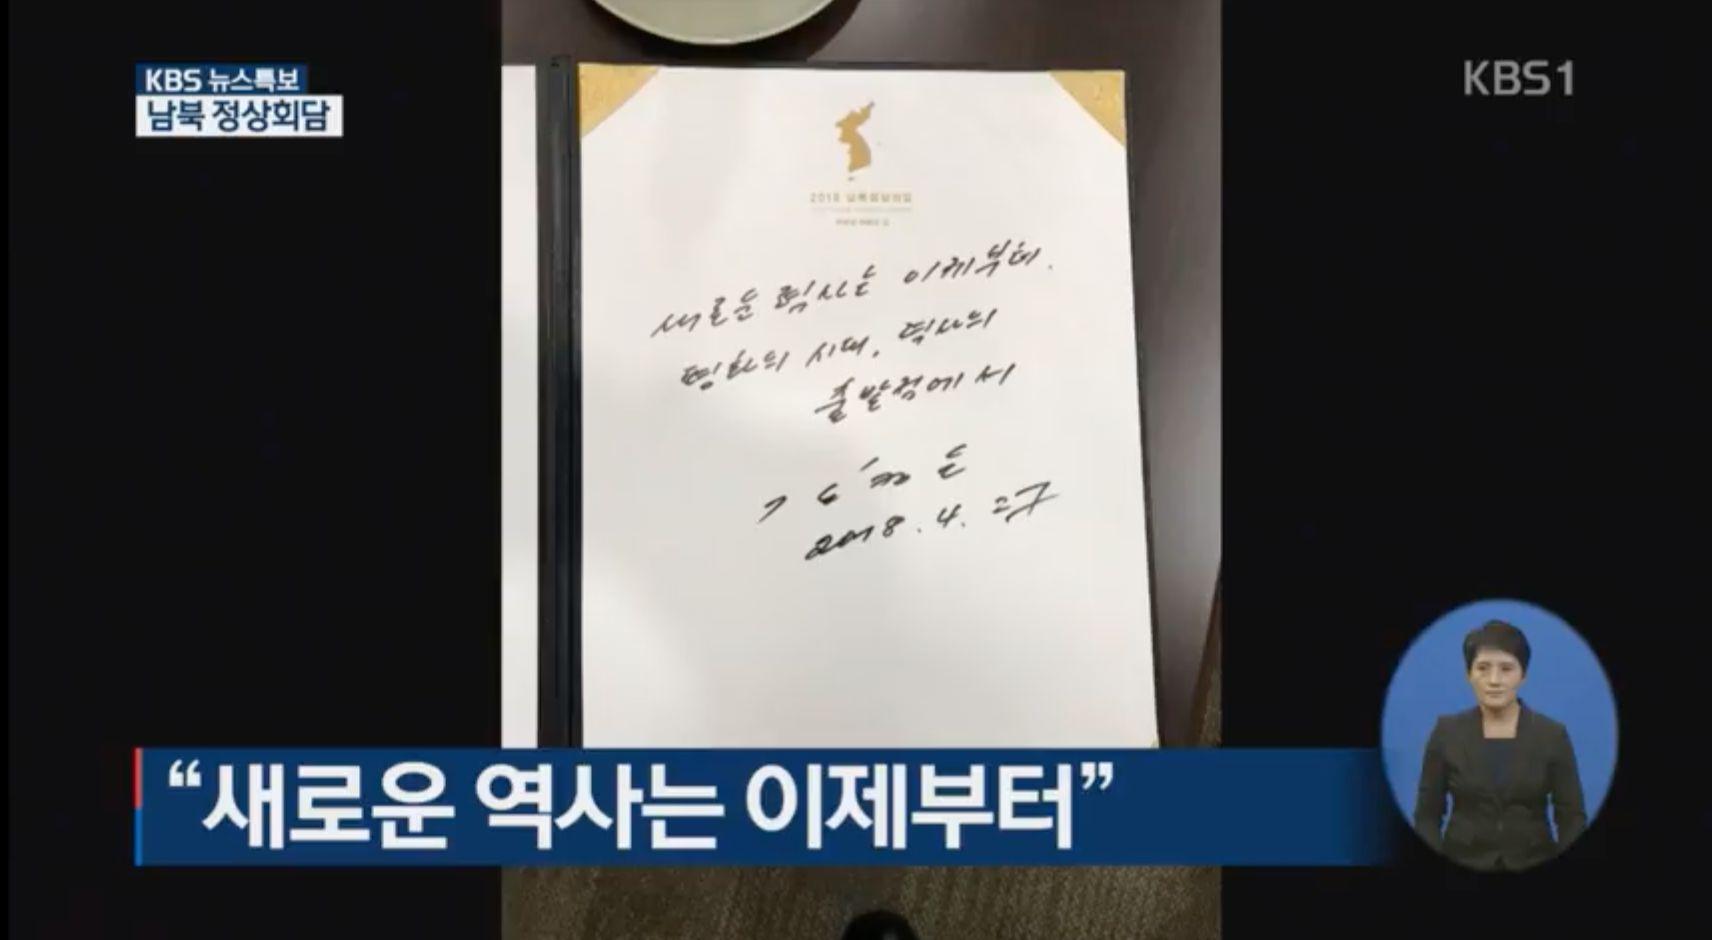 김정은 위원장이 평화의집 방명록에 친필로 남긴 글(사진)